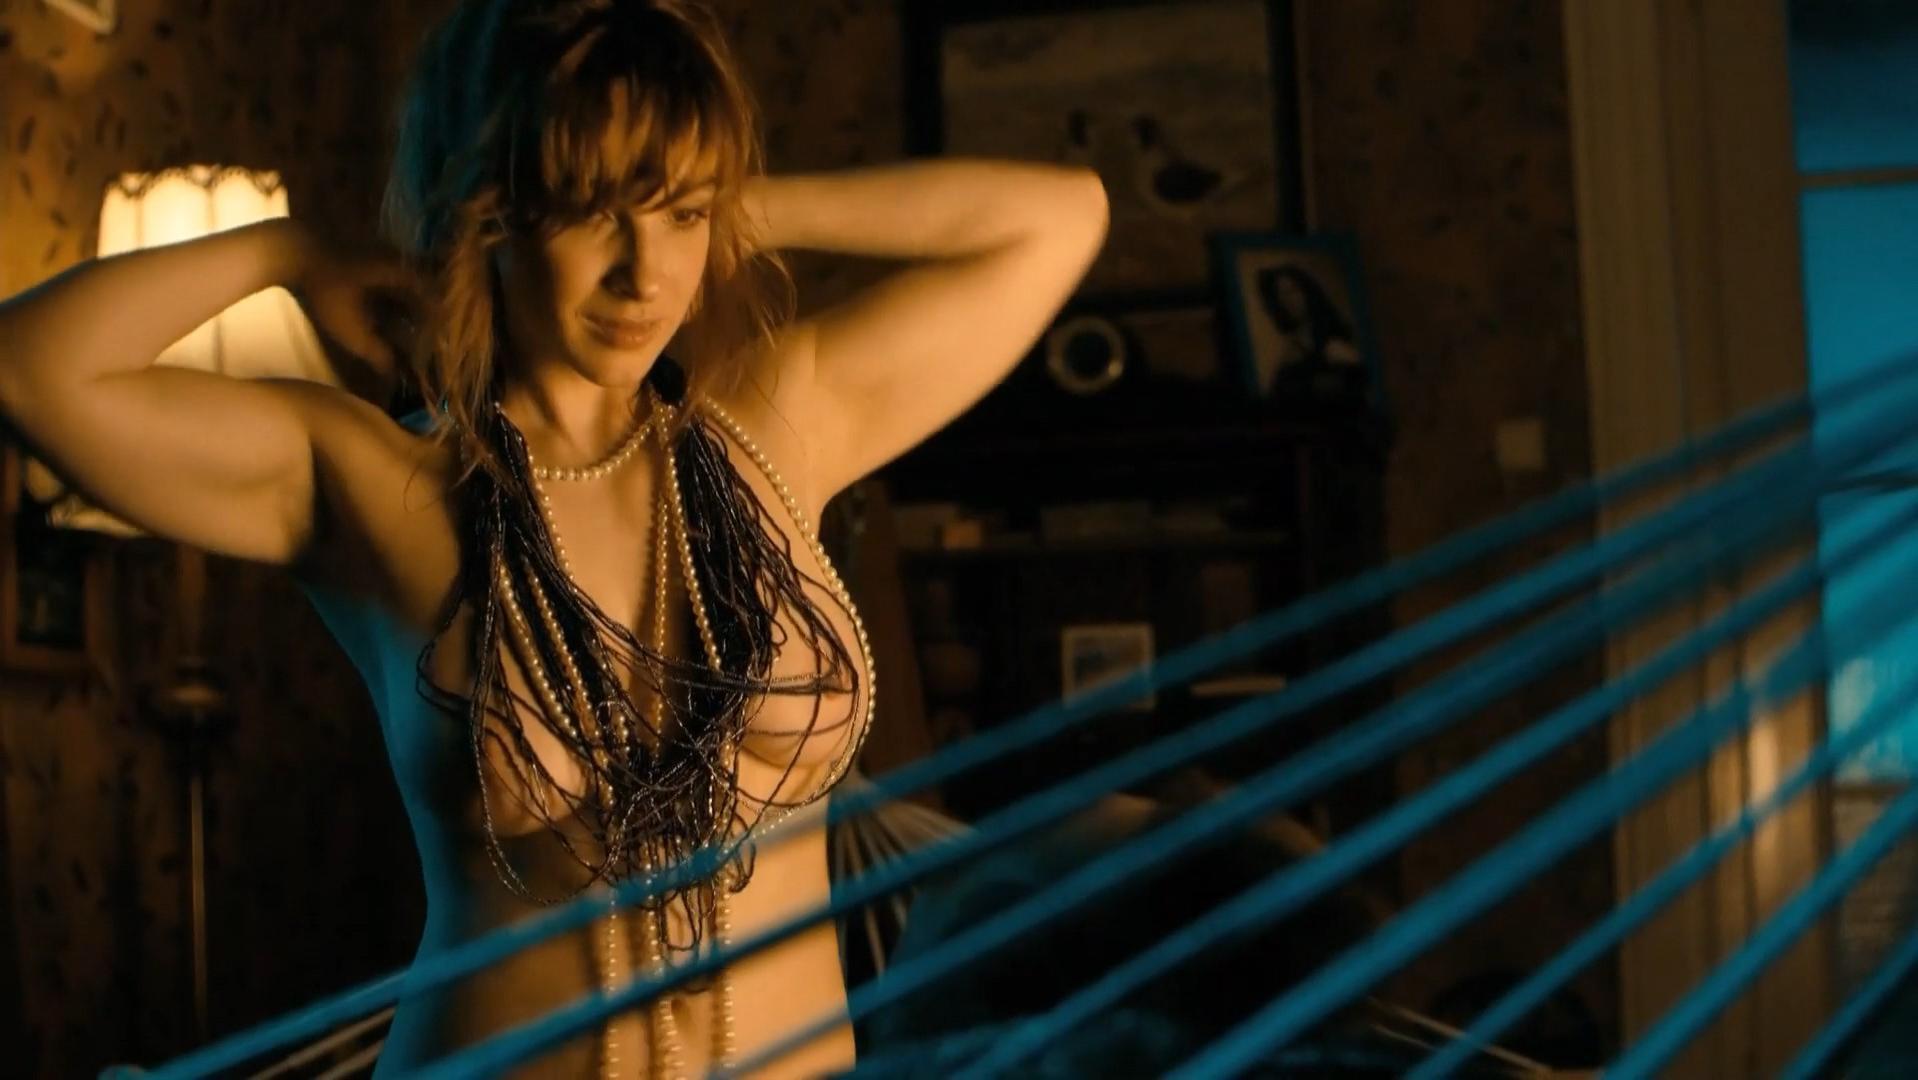 Vica Kerekes nude - Muzi v nadeji (2011)